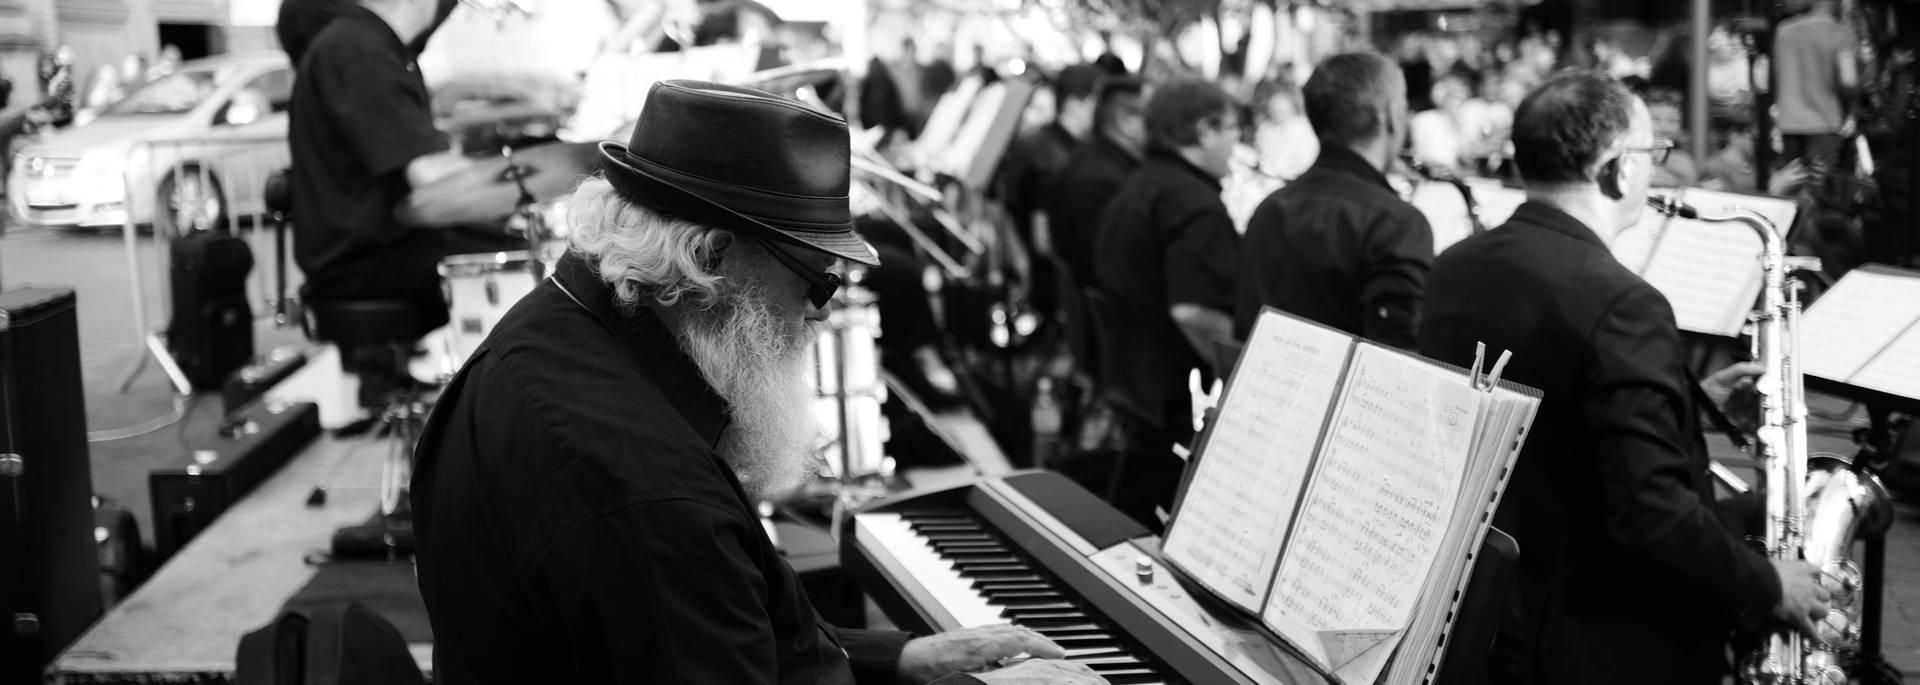 vendredis musicaux 2 ©Manon Ledet